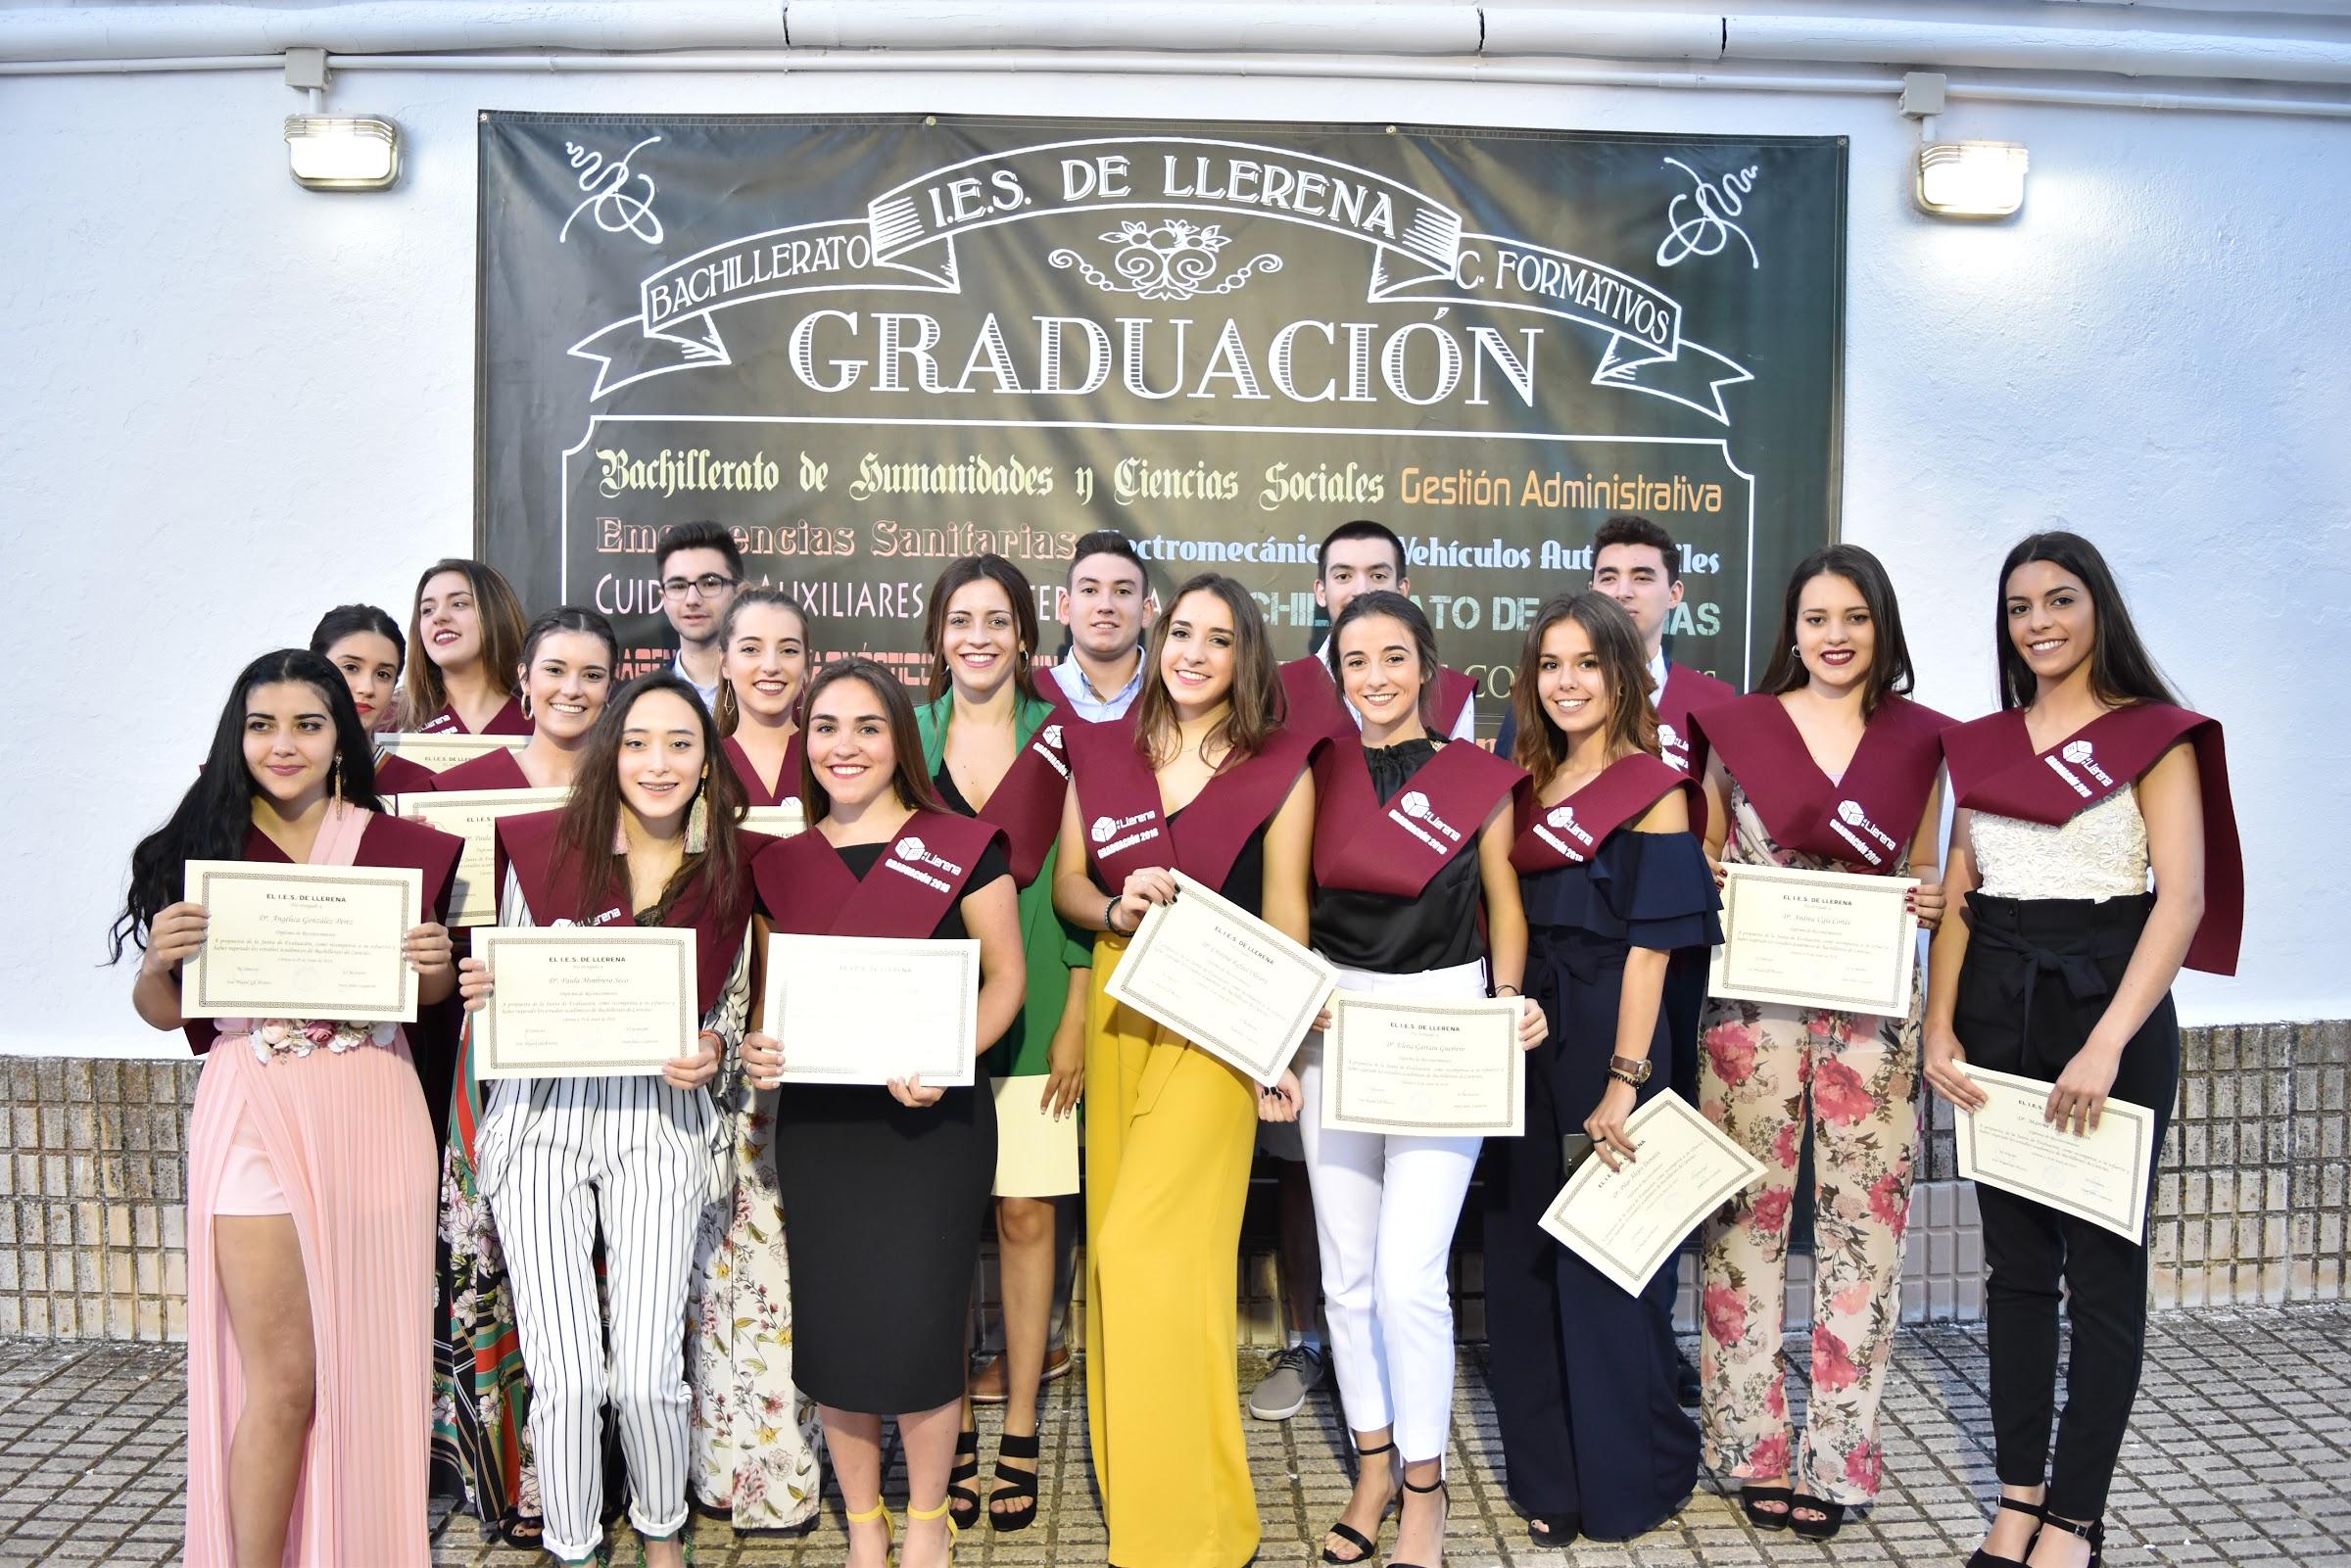 Acto de Graduación 2018 en el I.E.S. de Llerena